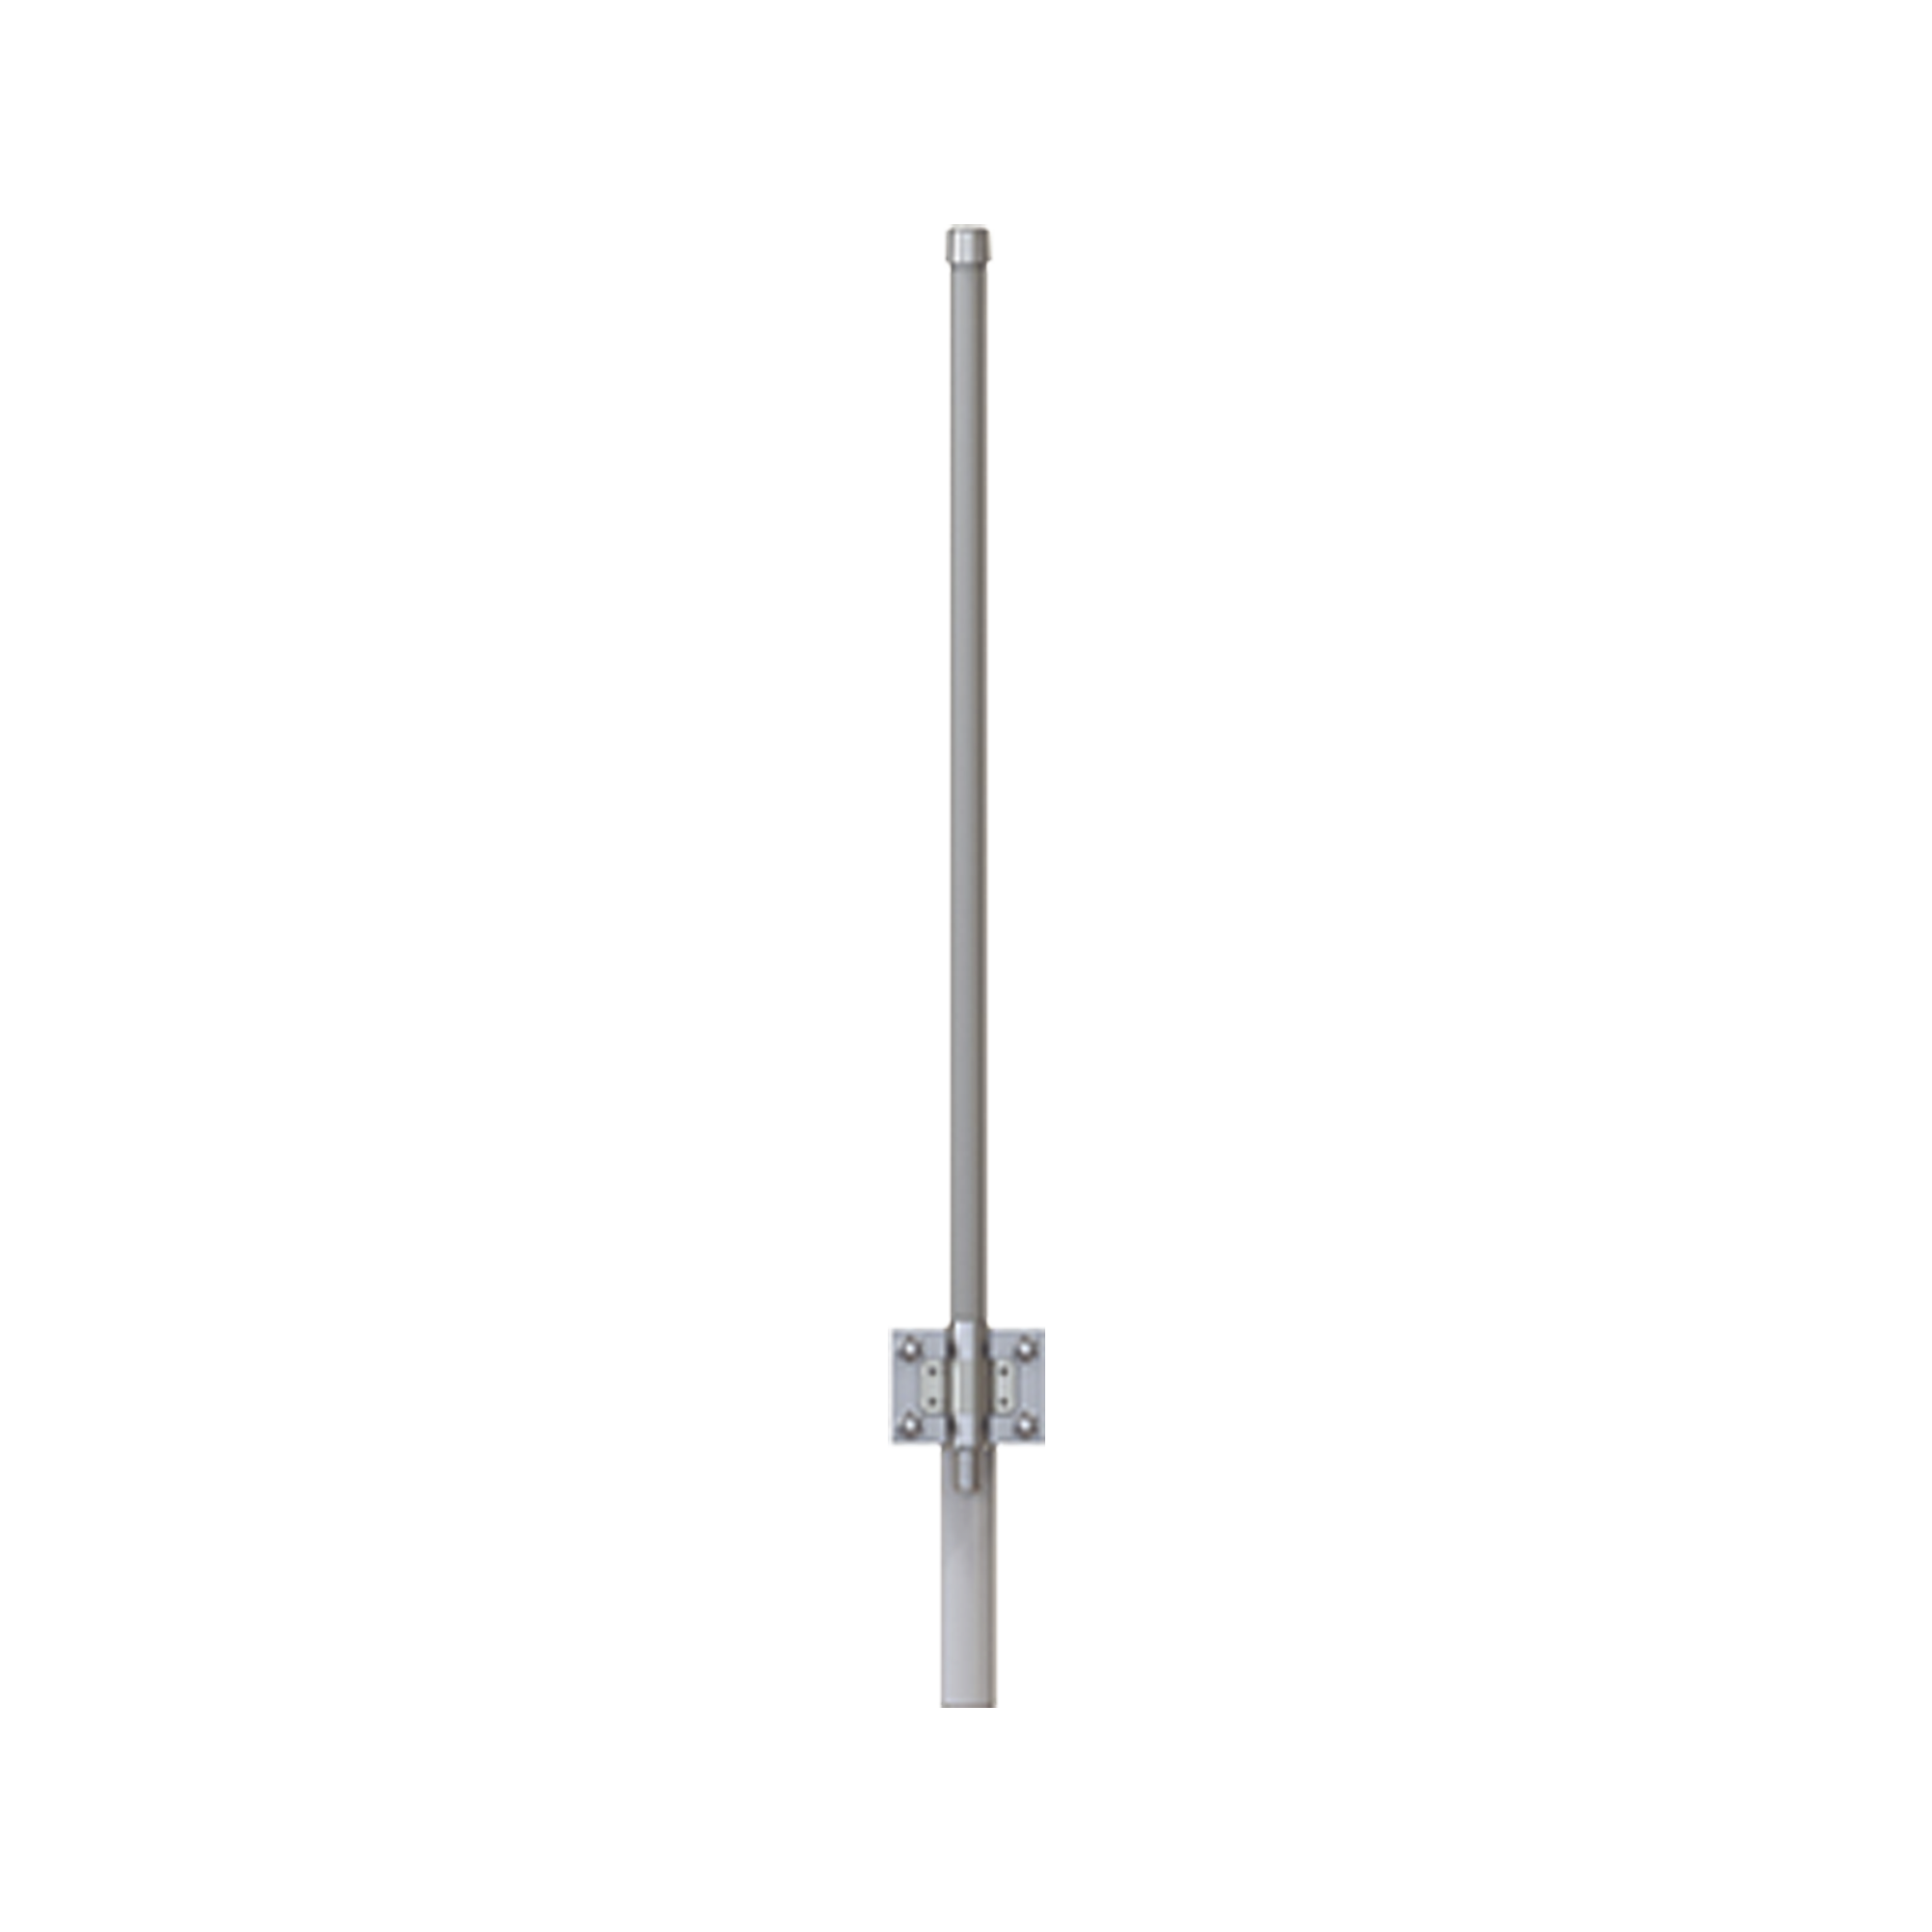 Antena Omnidireccional, Frecuencia 5.7-5.8 GHz, Ganancia de 12 dBi, conector N-hembra, Dimensiones 3.8 x 55 cm / Peso 1.2 kg